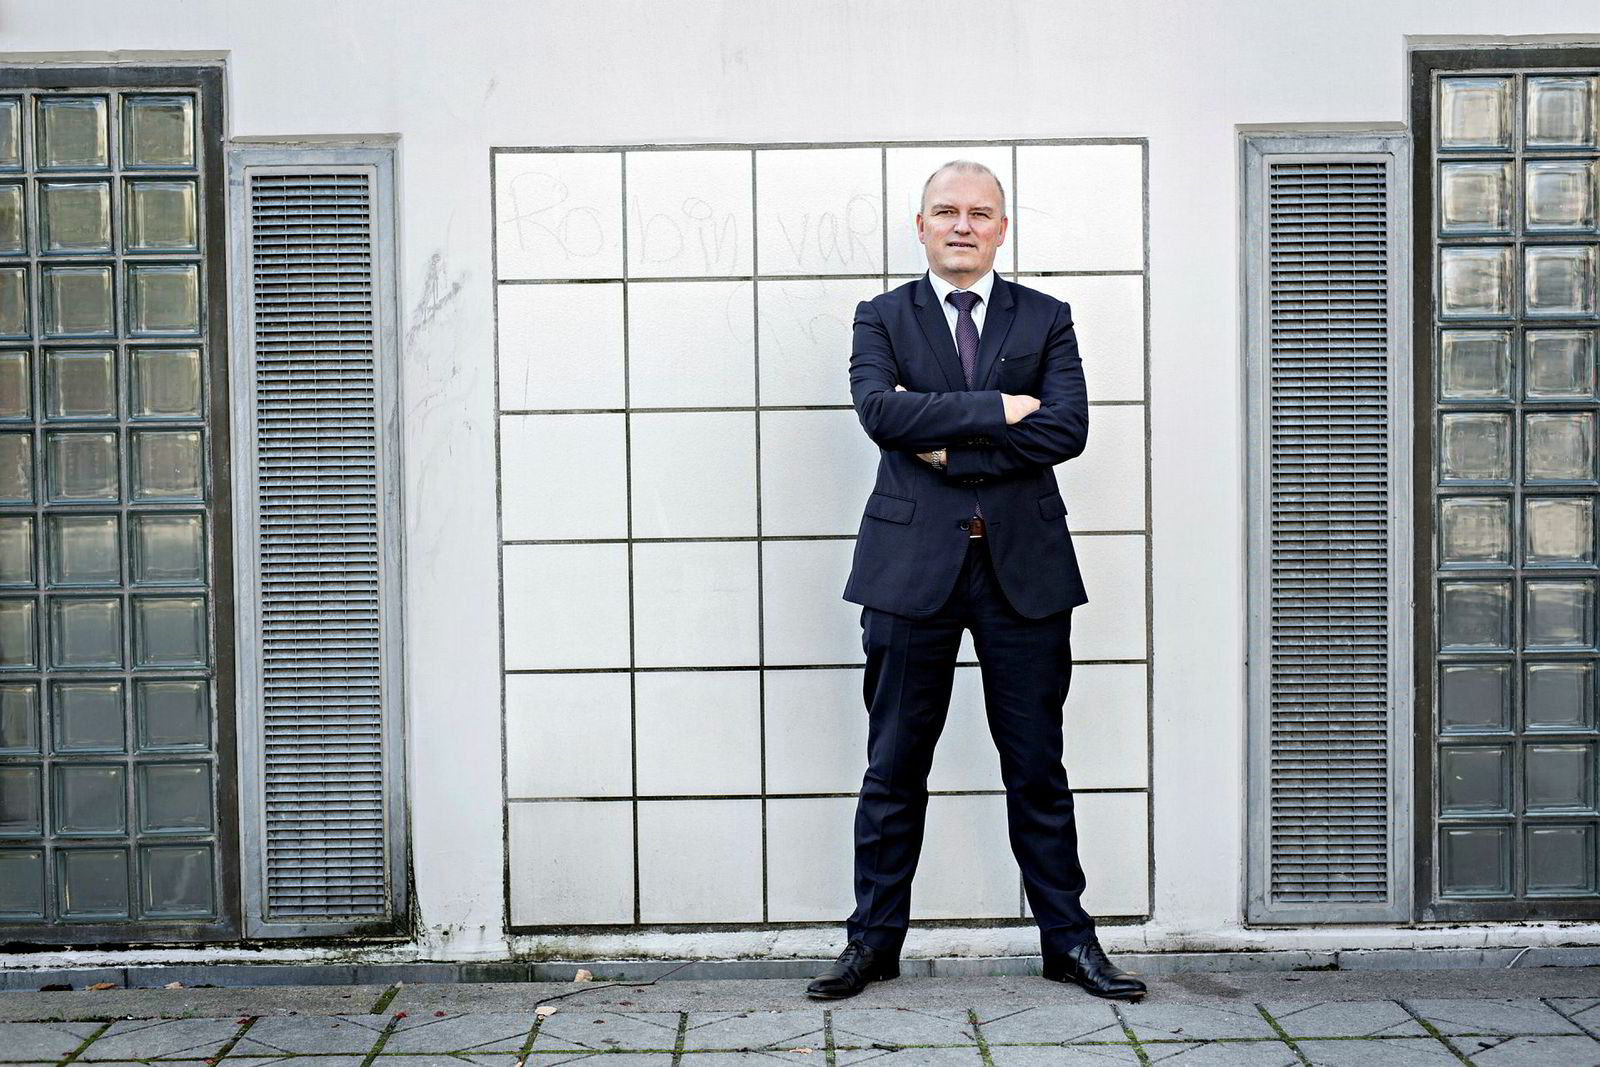 Sjømatanalytiker Kolbjørn Giskeødegård i Nordea Markets trodde prisfallet på laks ville bli kortvarig. Nå er han ikke like sikker.